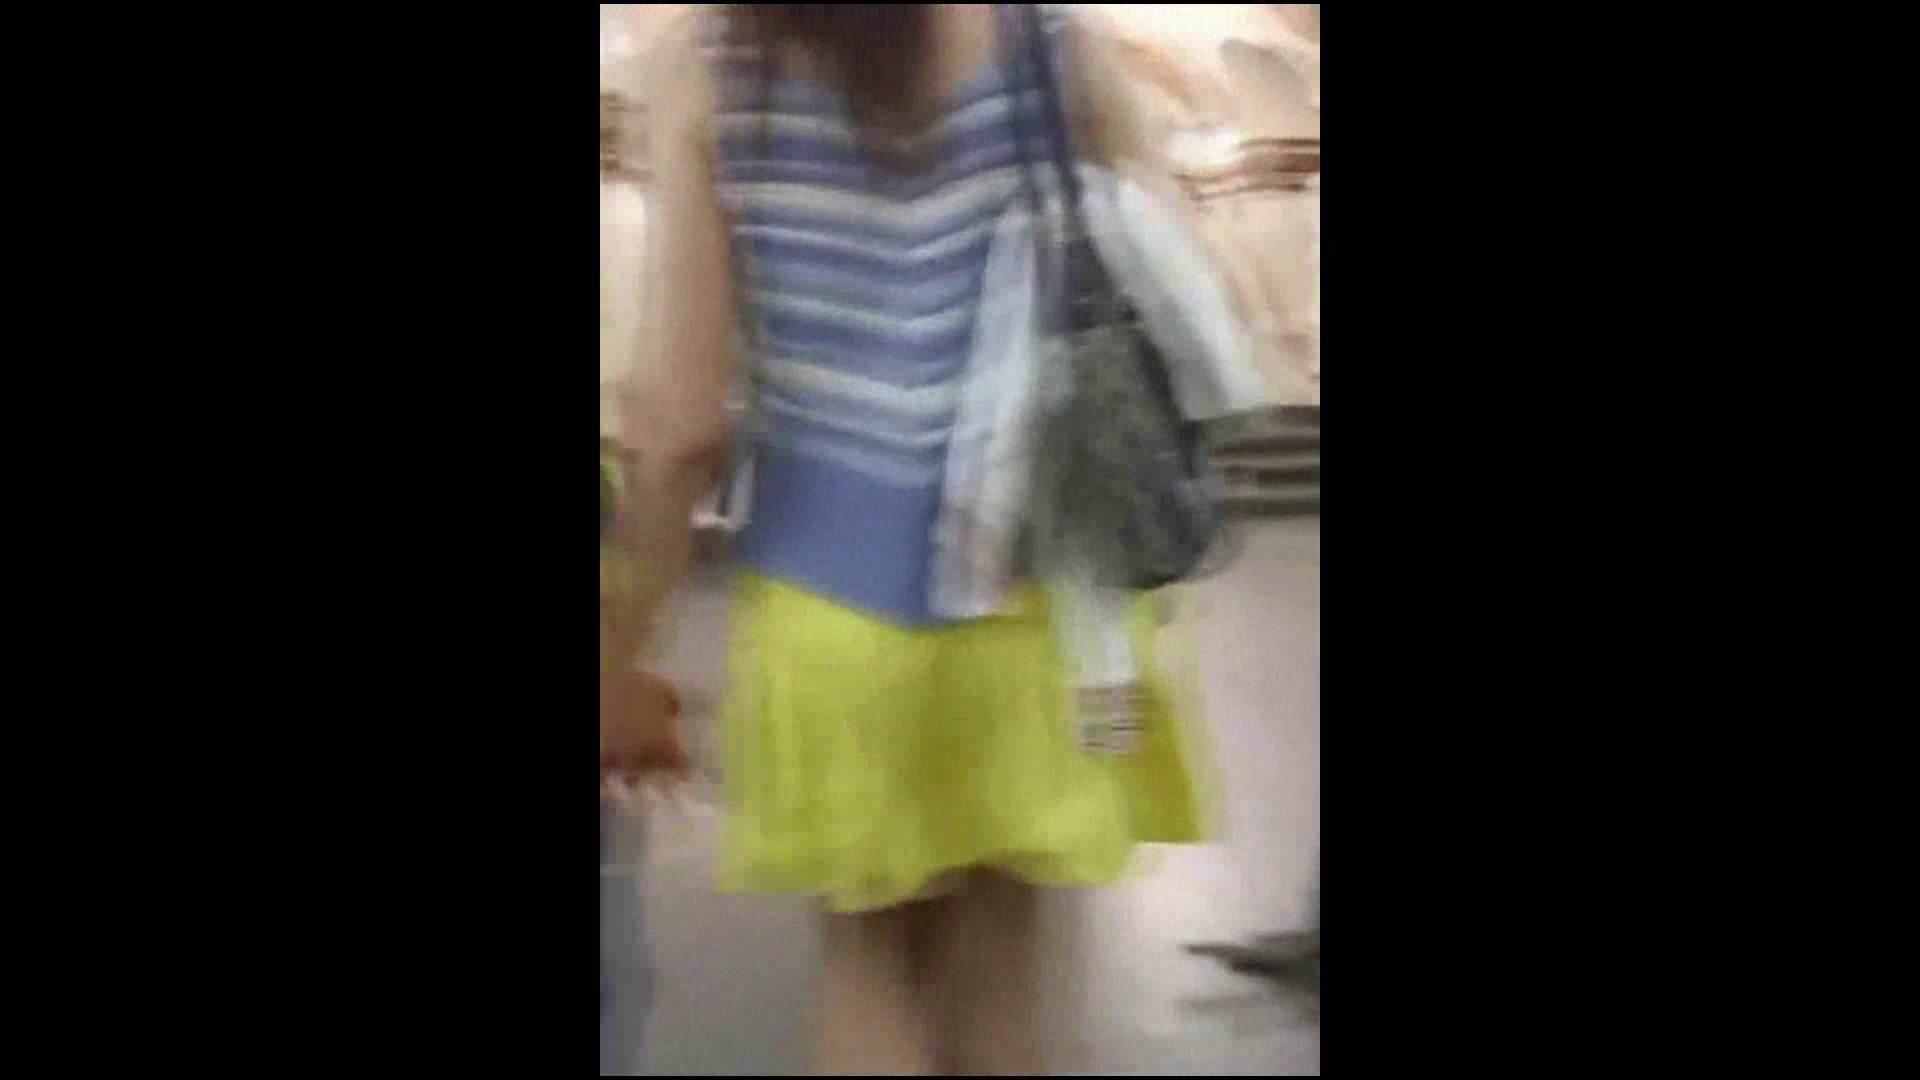 綺麗なモデルさんのスカート捲っちゃおう‼vol01 0  78pic 16